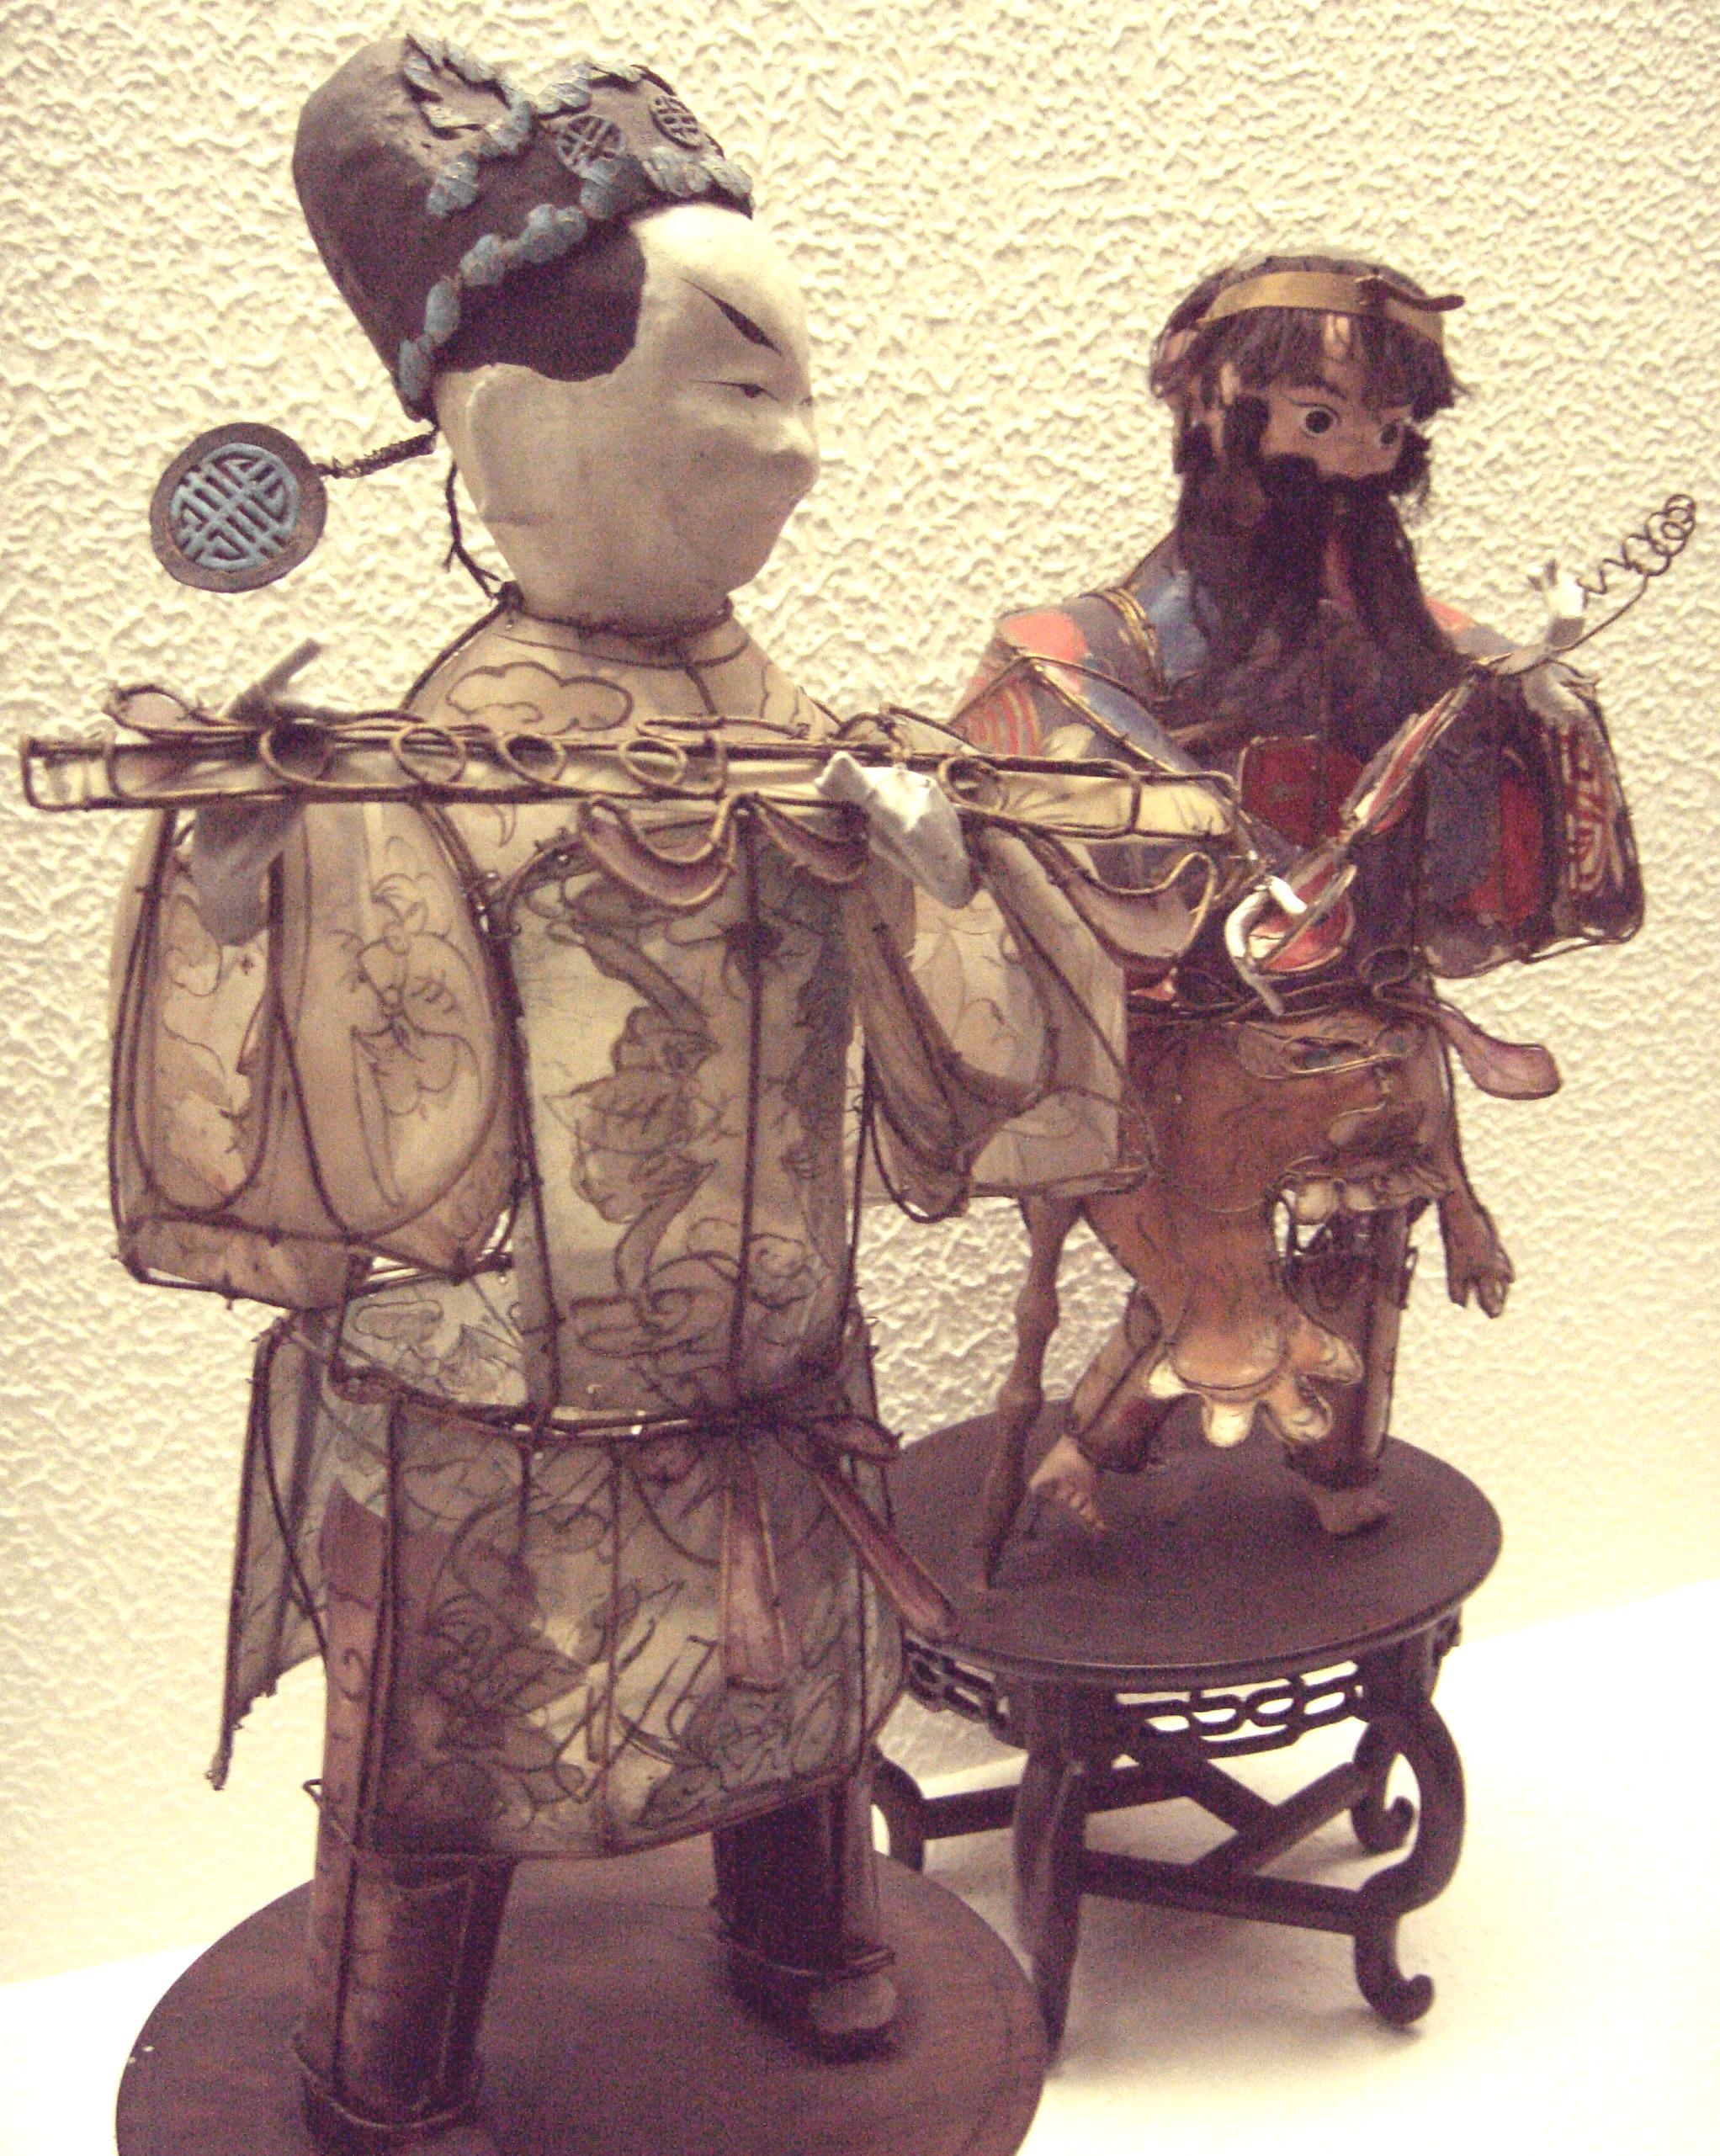 antike chinesische Neujahrslaternen die wie die 8 Unsterblichen geformt sind, Qing Dynasty, Foto von Dr. Meierhofer, Gnu freie Dokumentation Lizenz